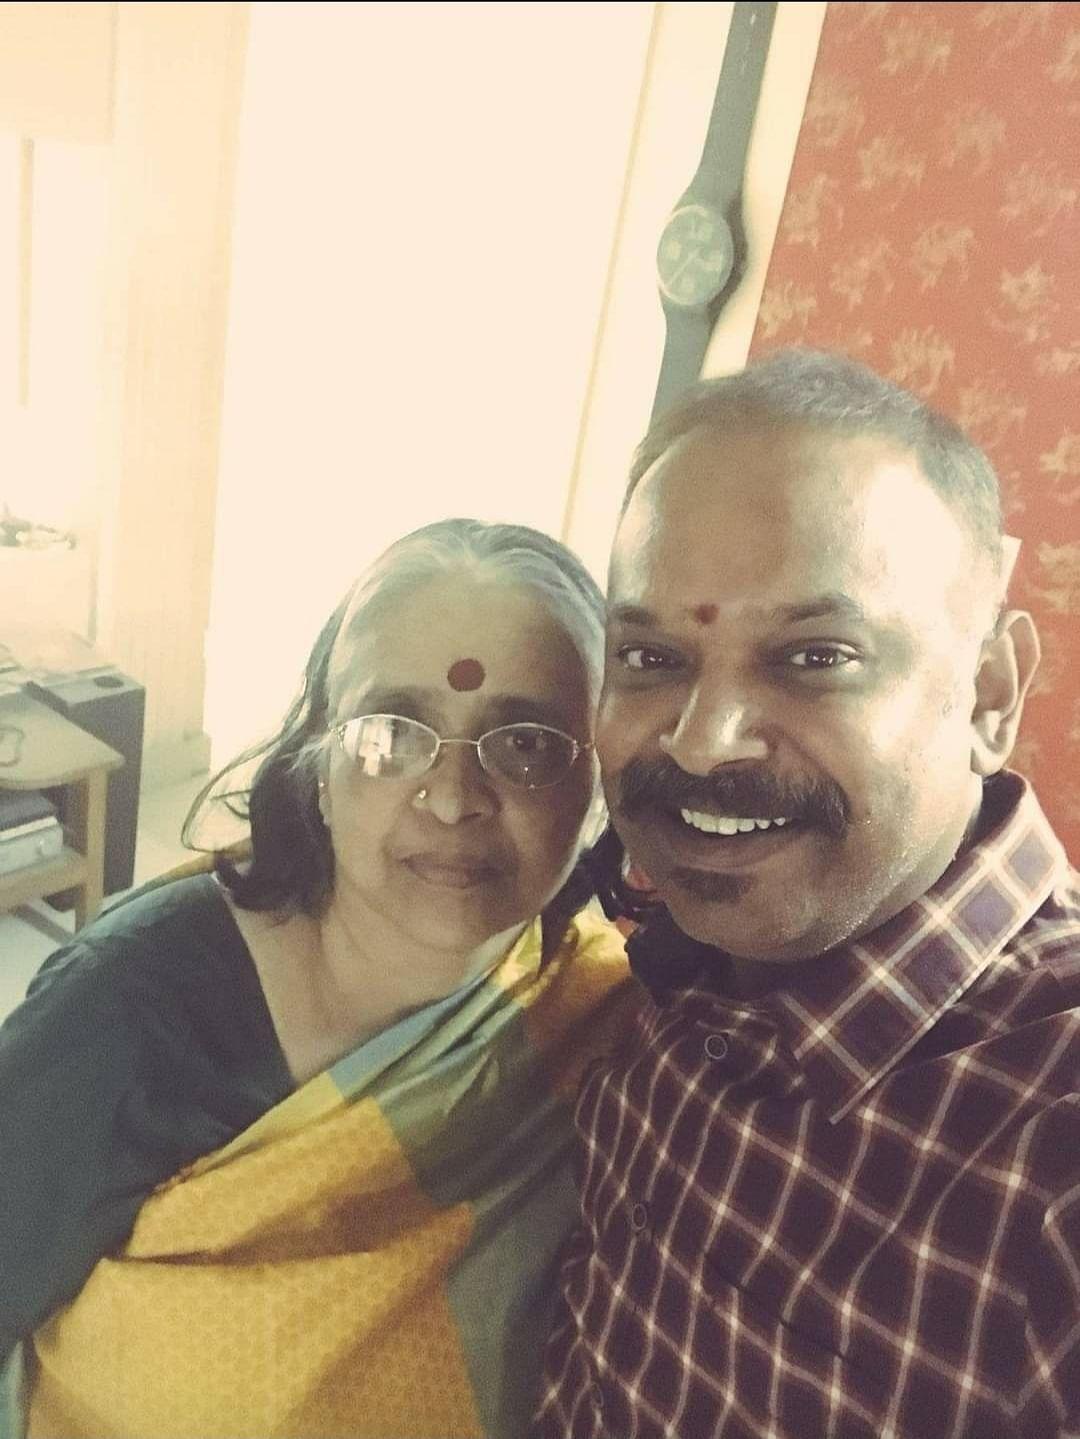 அம்மாவுடன் வெங்கட் பிரபு